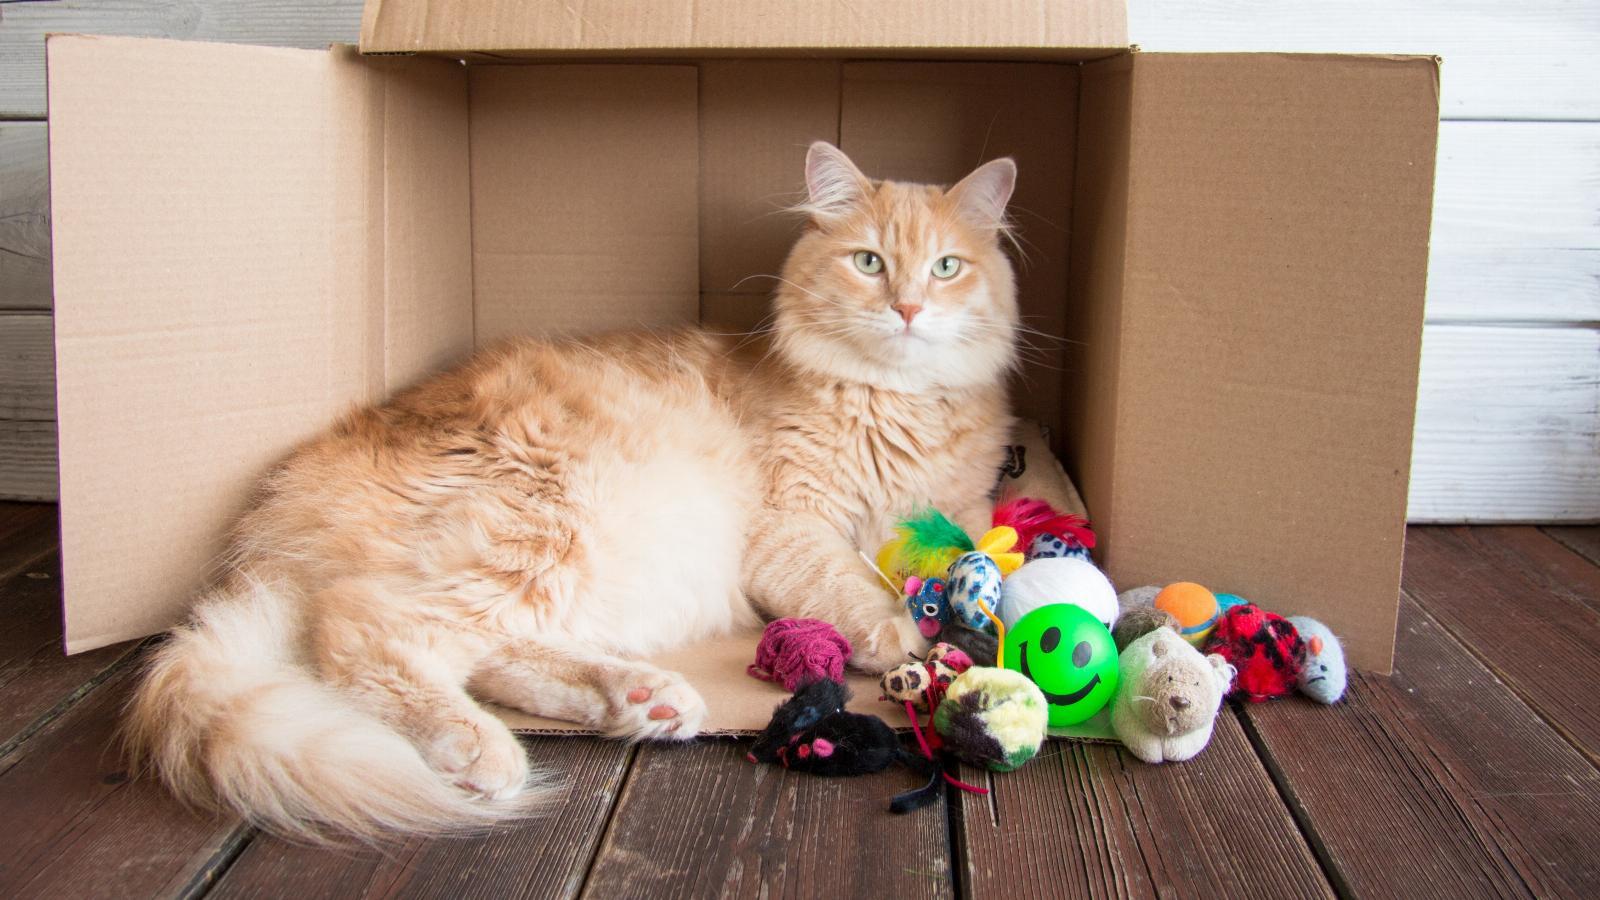 banner of The 6 Favorite Cat Toys Your Feline Loves